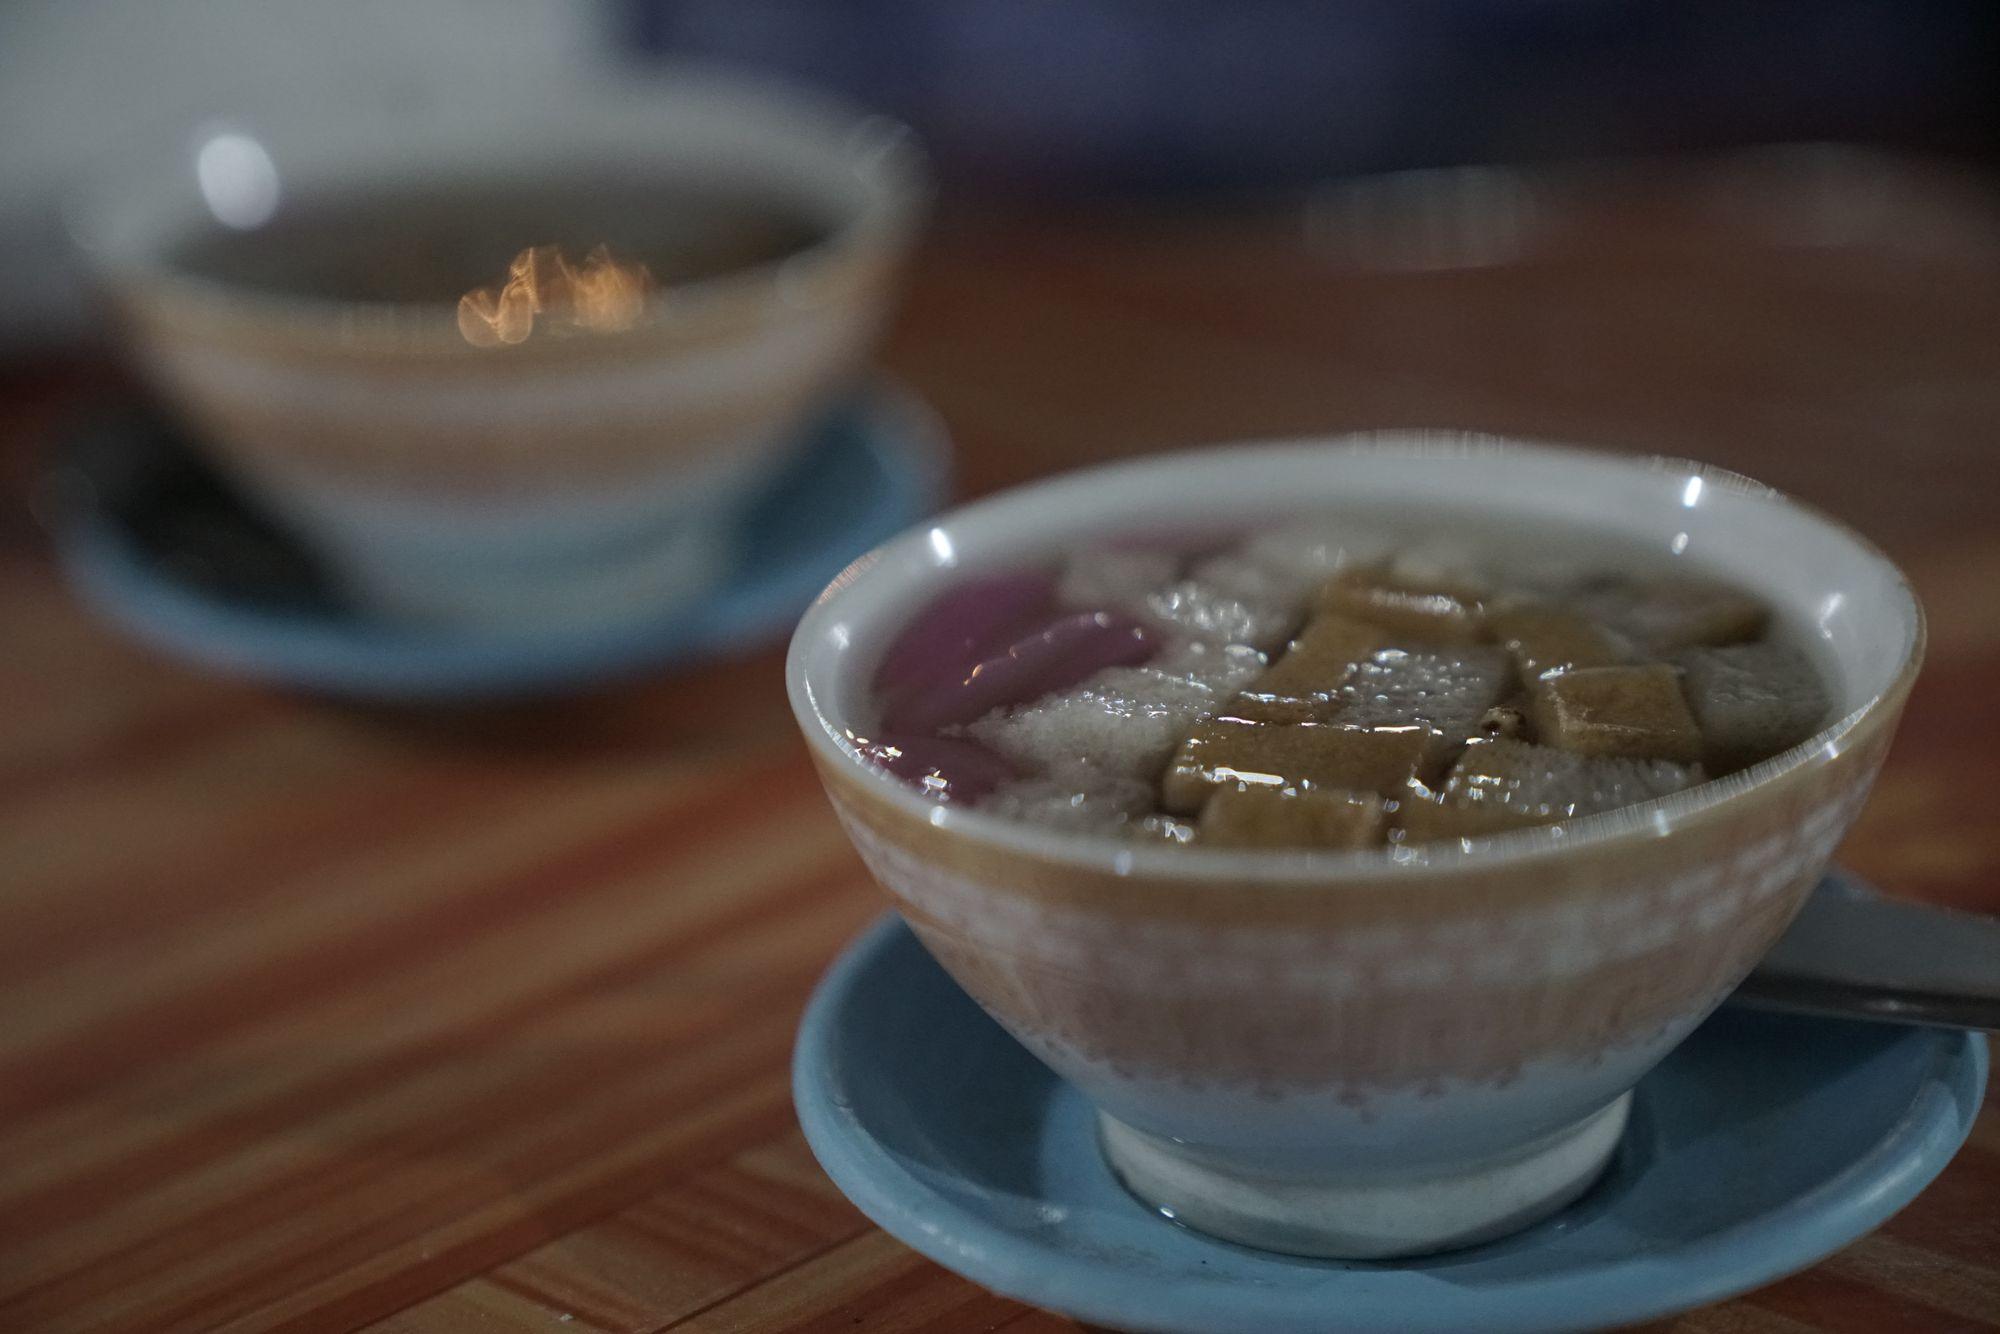 Lewat Cangkir, Kita Merayakan Tradisi Menghangatkan Minuman Panas